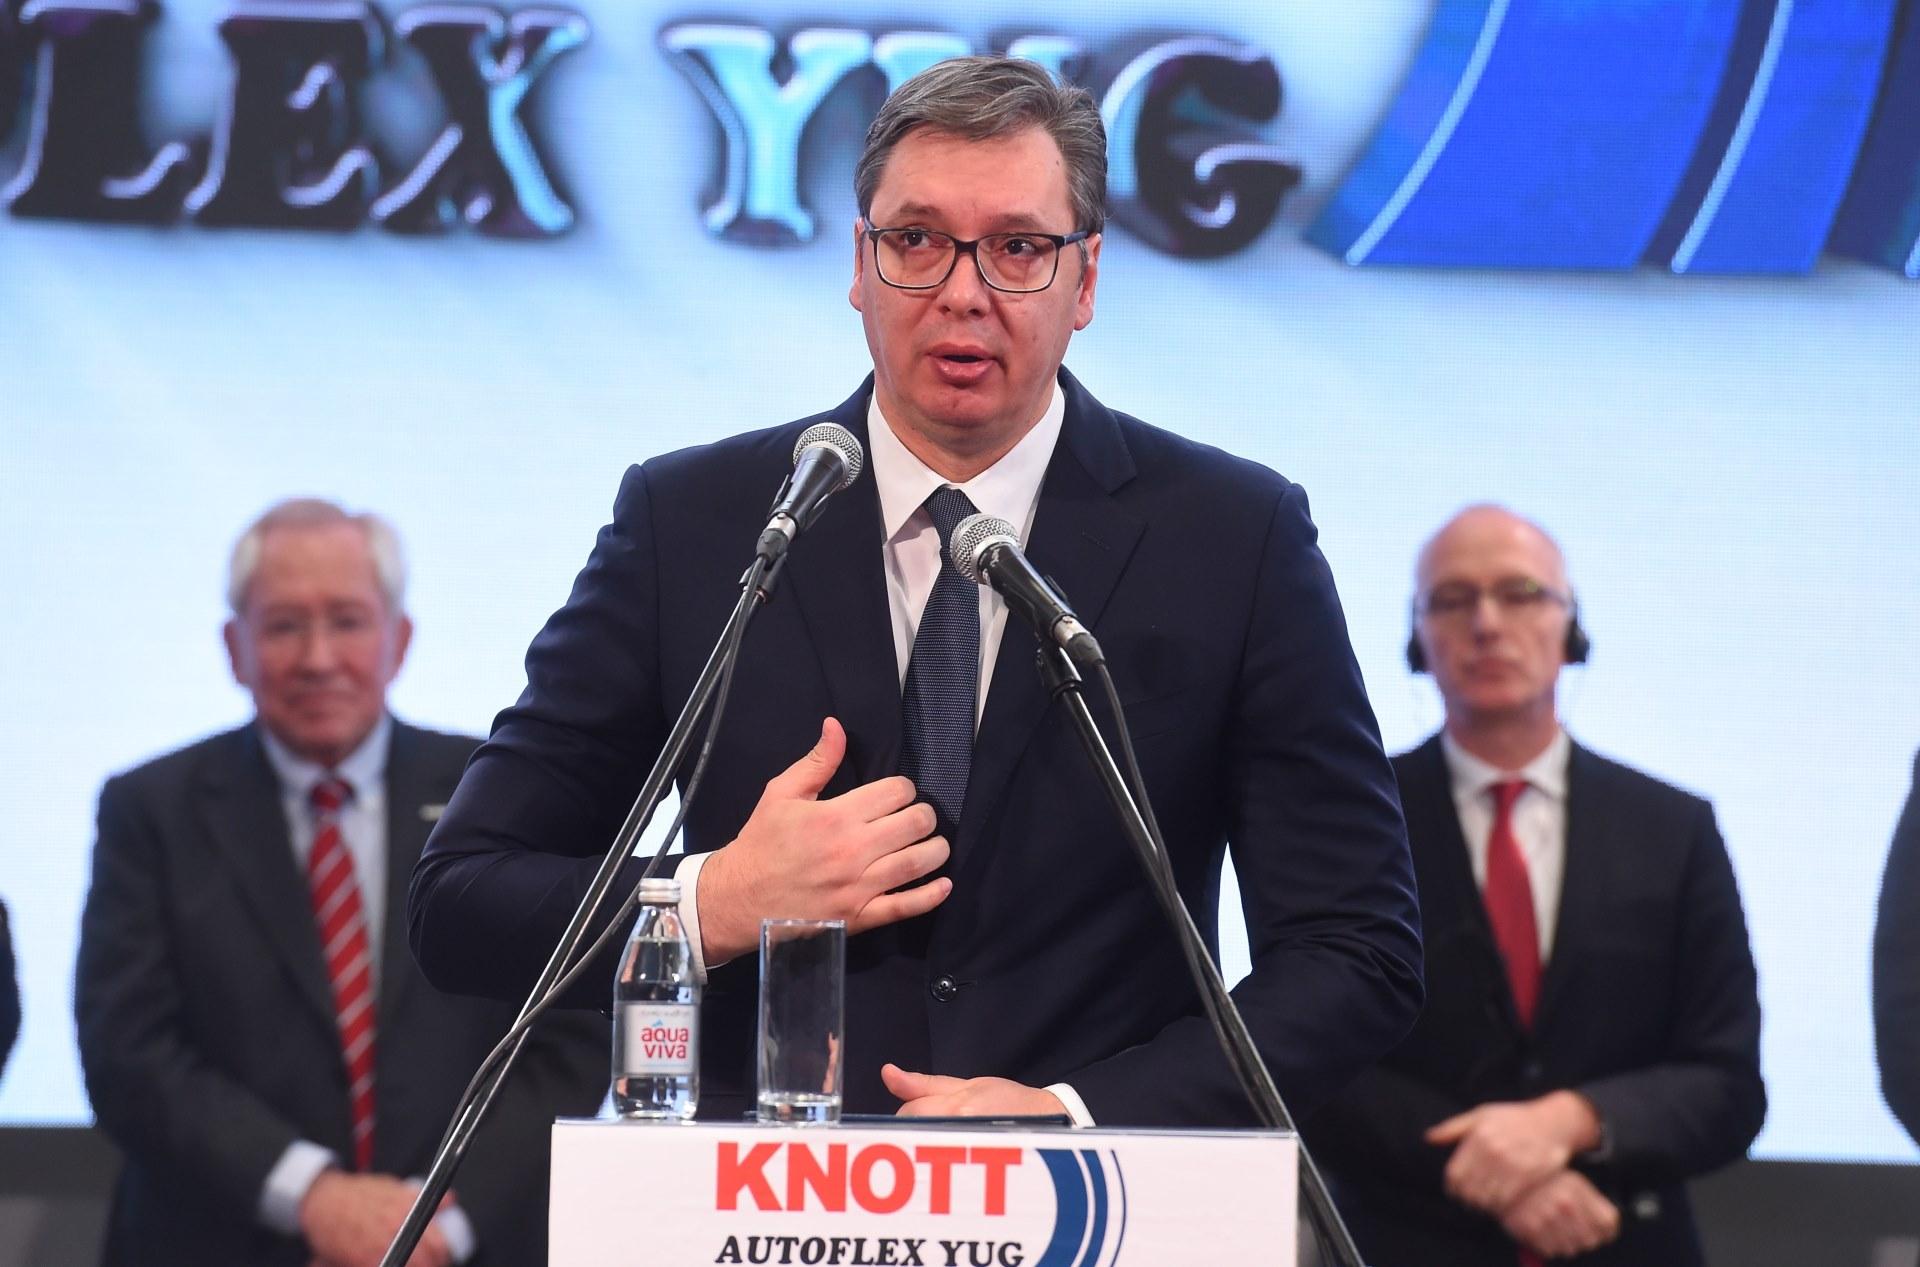 """Otvoren novi pogon kompanije """"Knott Autoflex Yug"""" u Bečeju"""